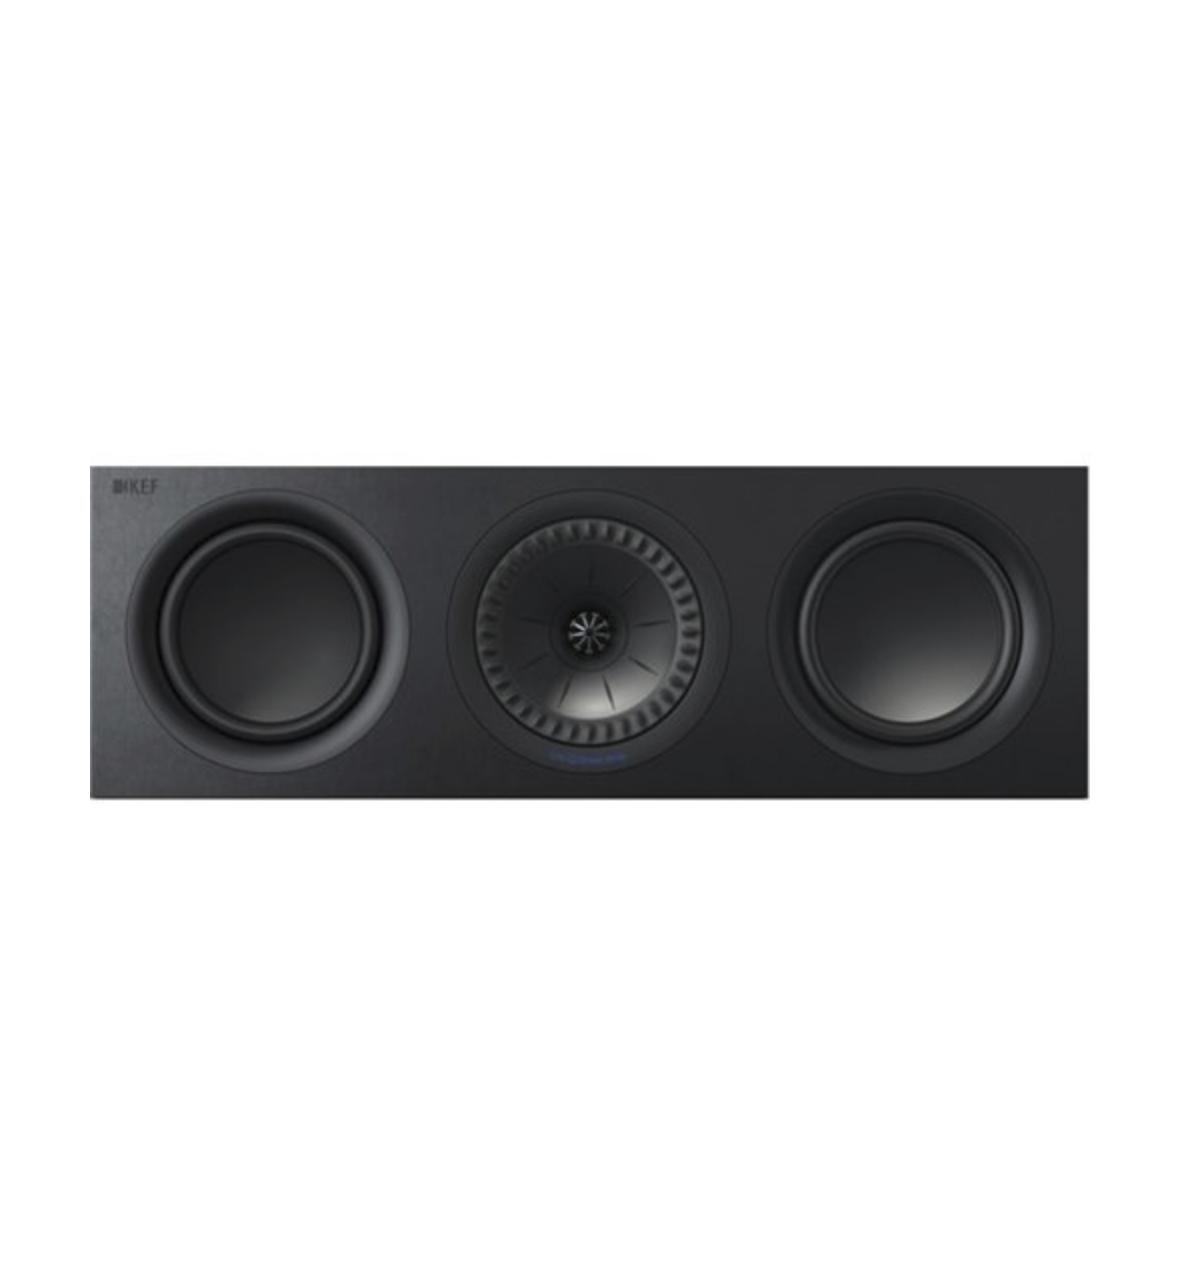 Caixa Central Kef Q650c Black (unit)